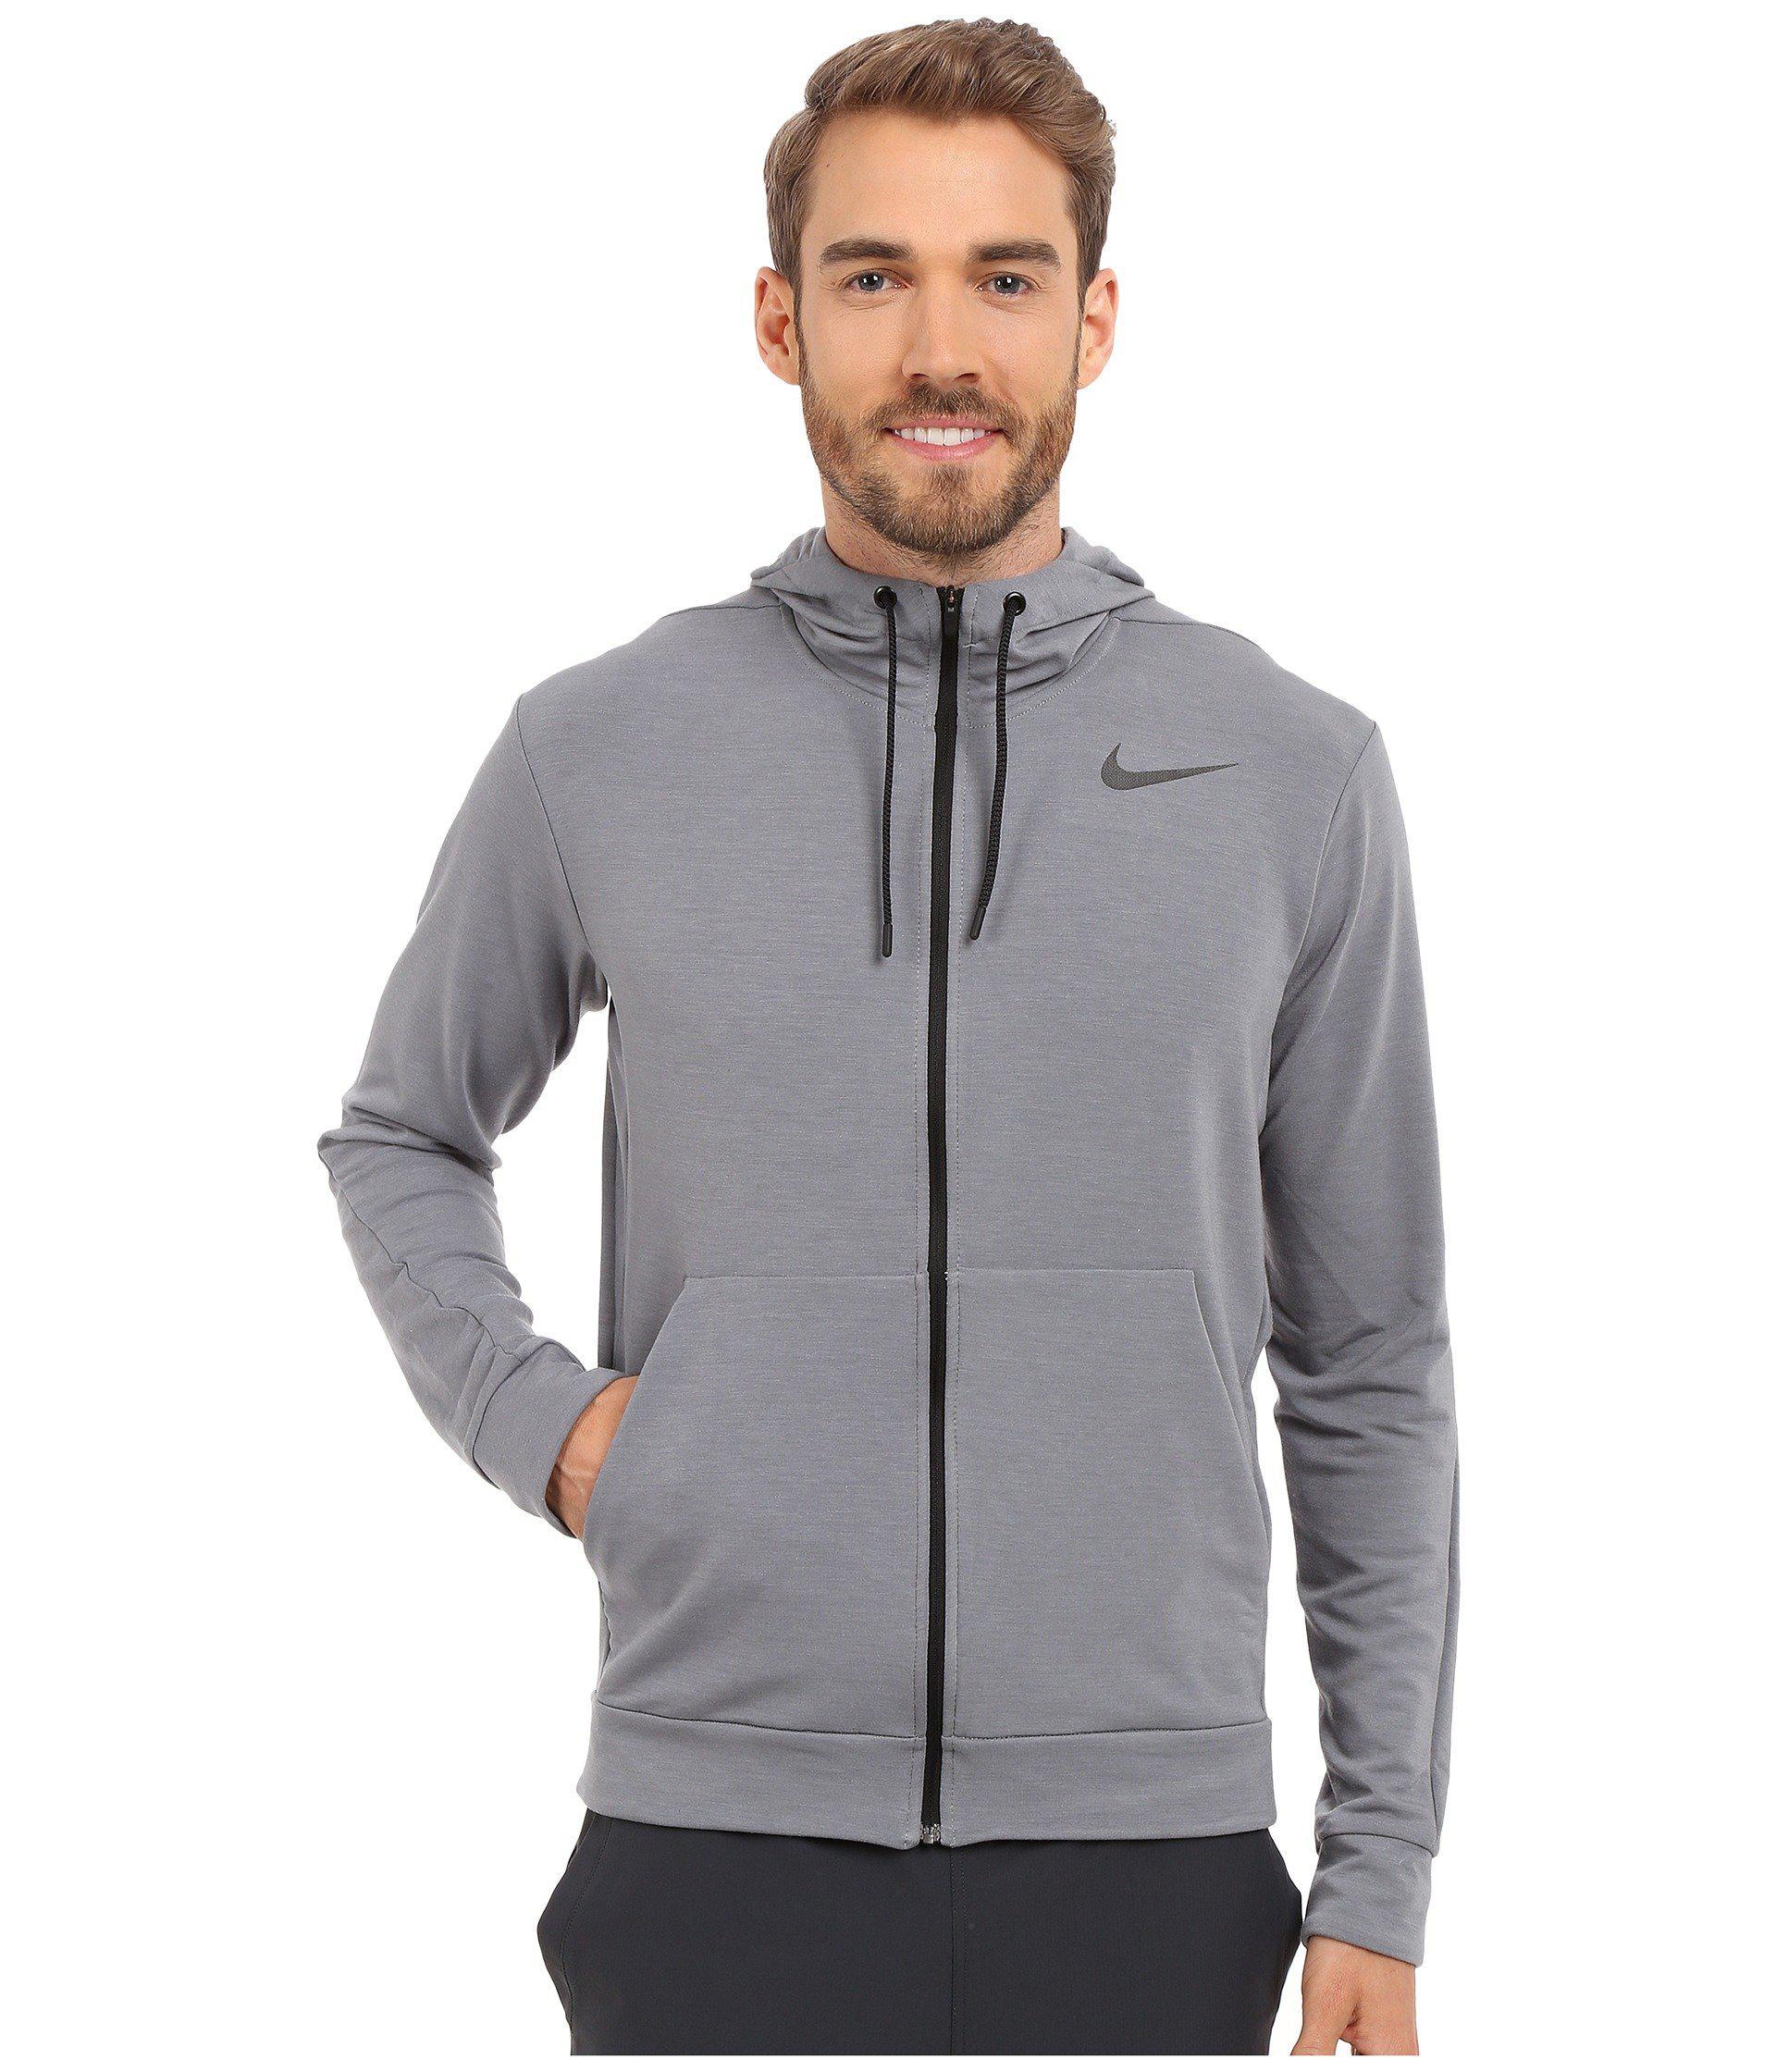 Lyst - Nike Dri-fittm Fleece Full-zip Training Hoodie in Gray for Men 22a520bce